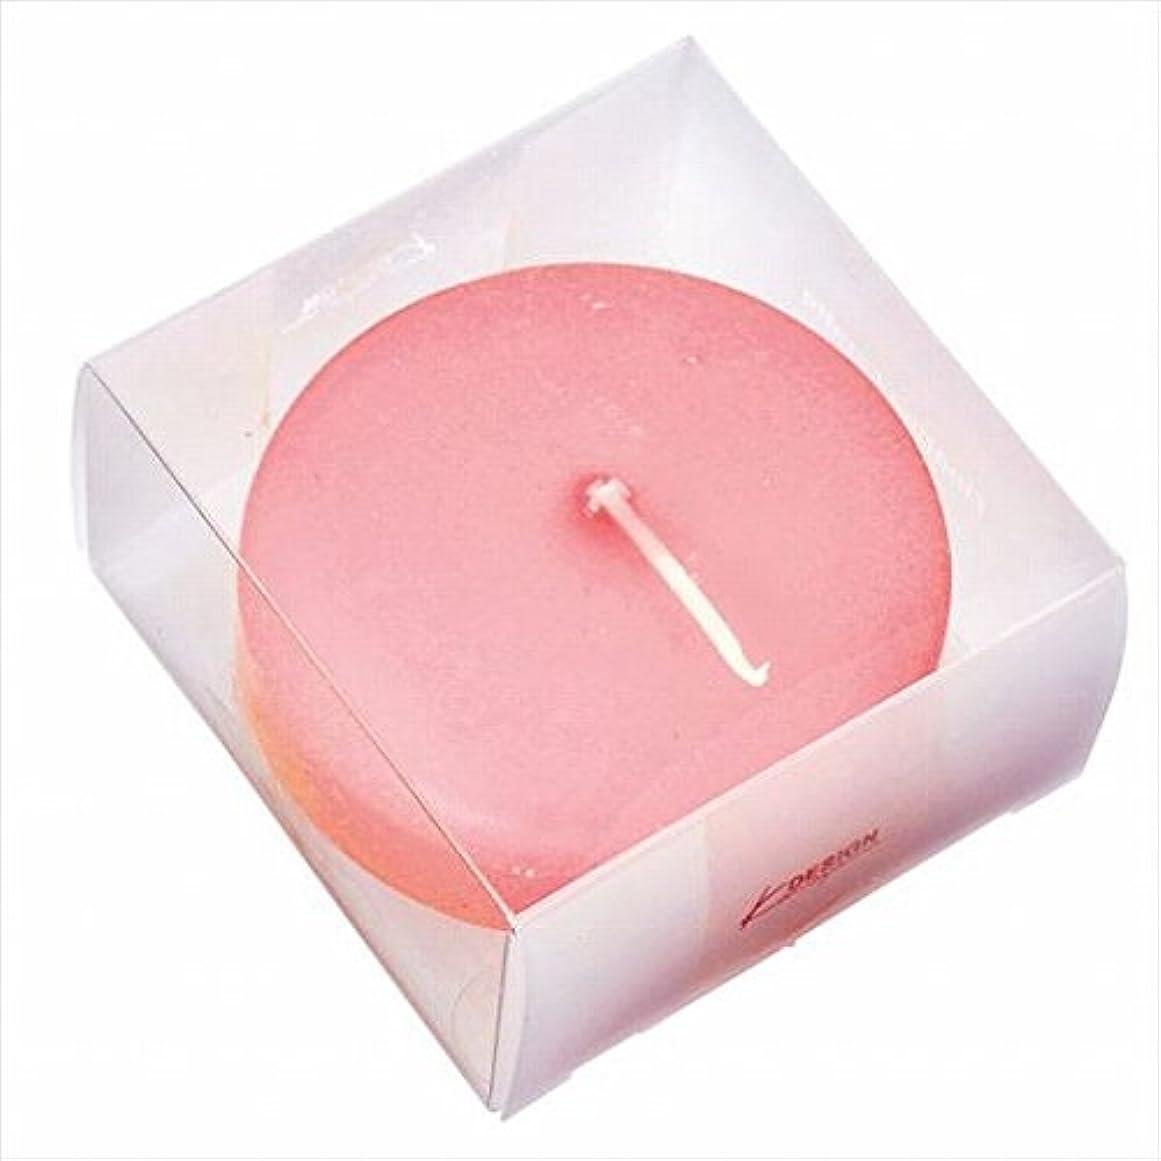 コンチネンタル支給長いですカメヤマキャンドル(kameyama candle) プール80(箱入り) 「 ピーチアンバ 」